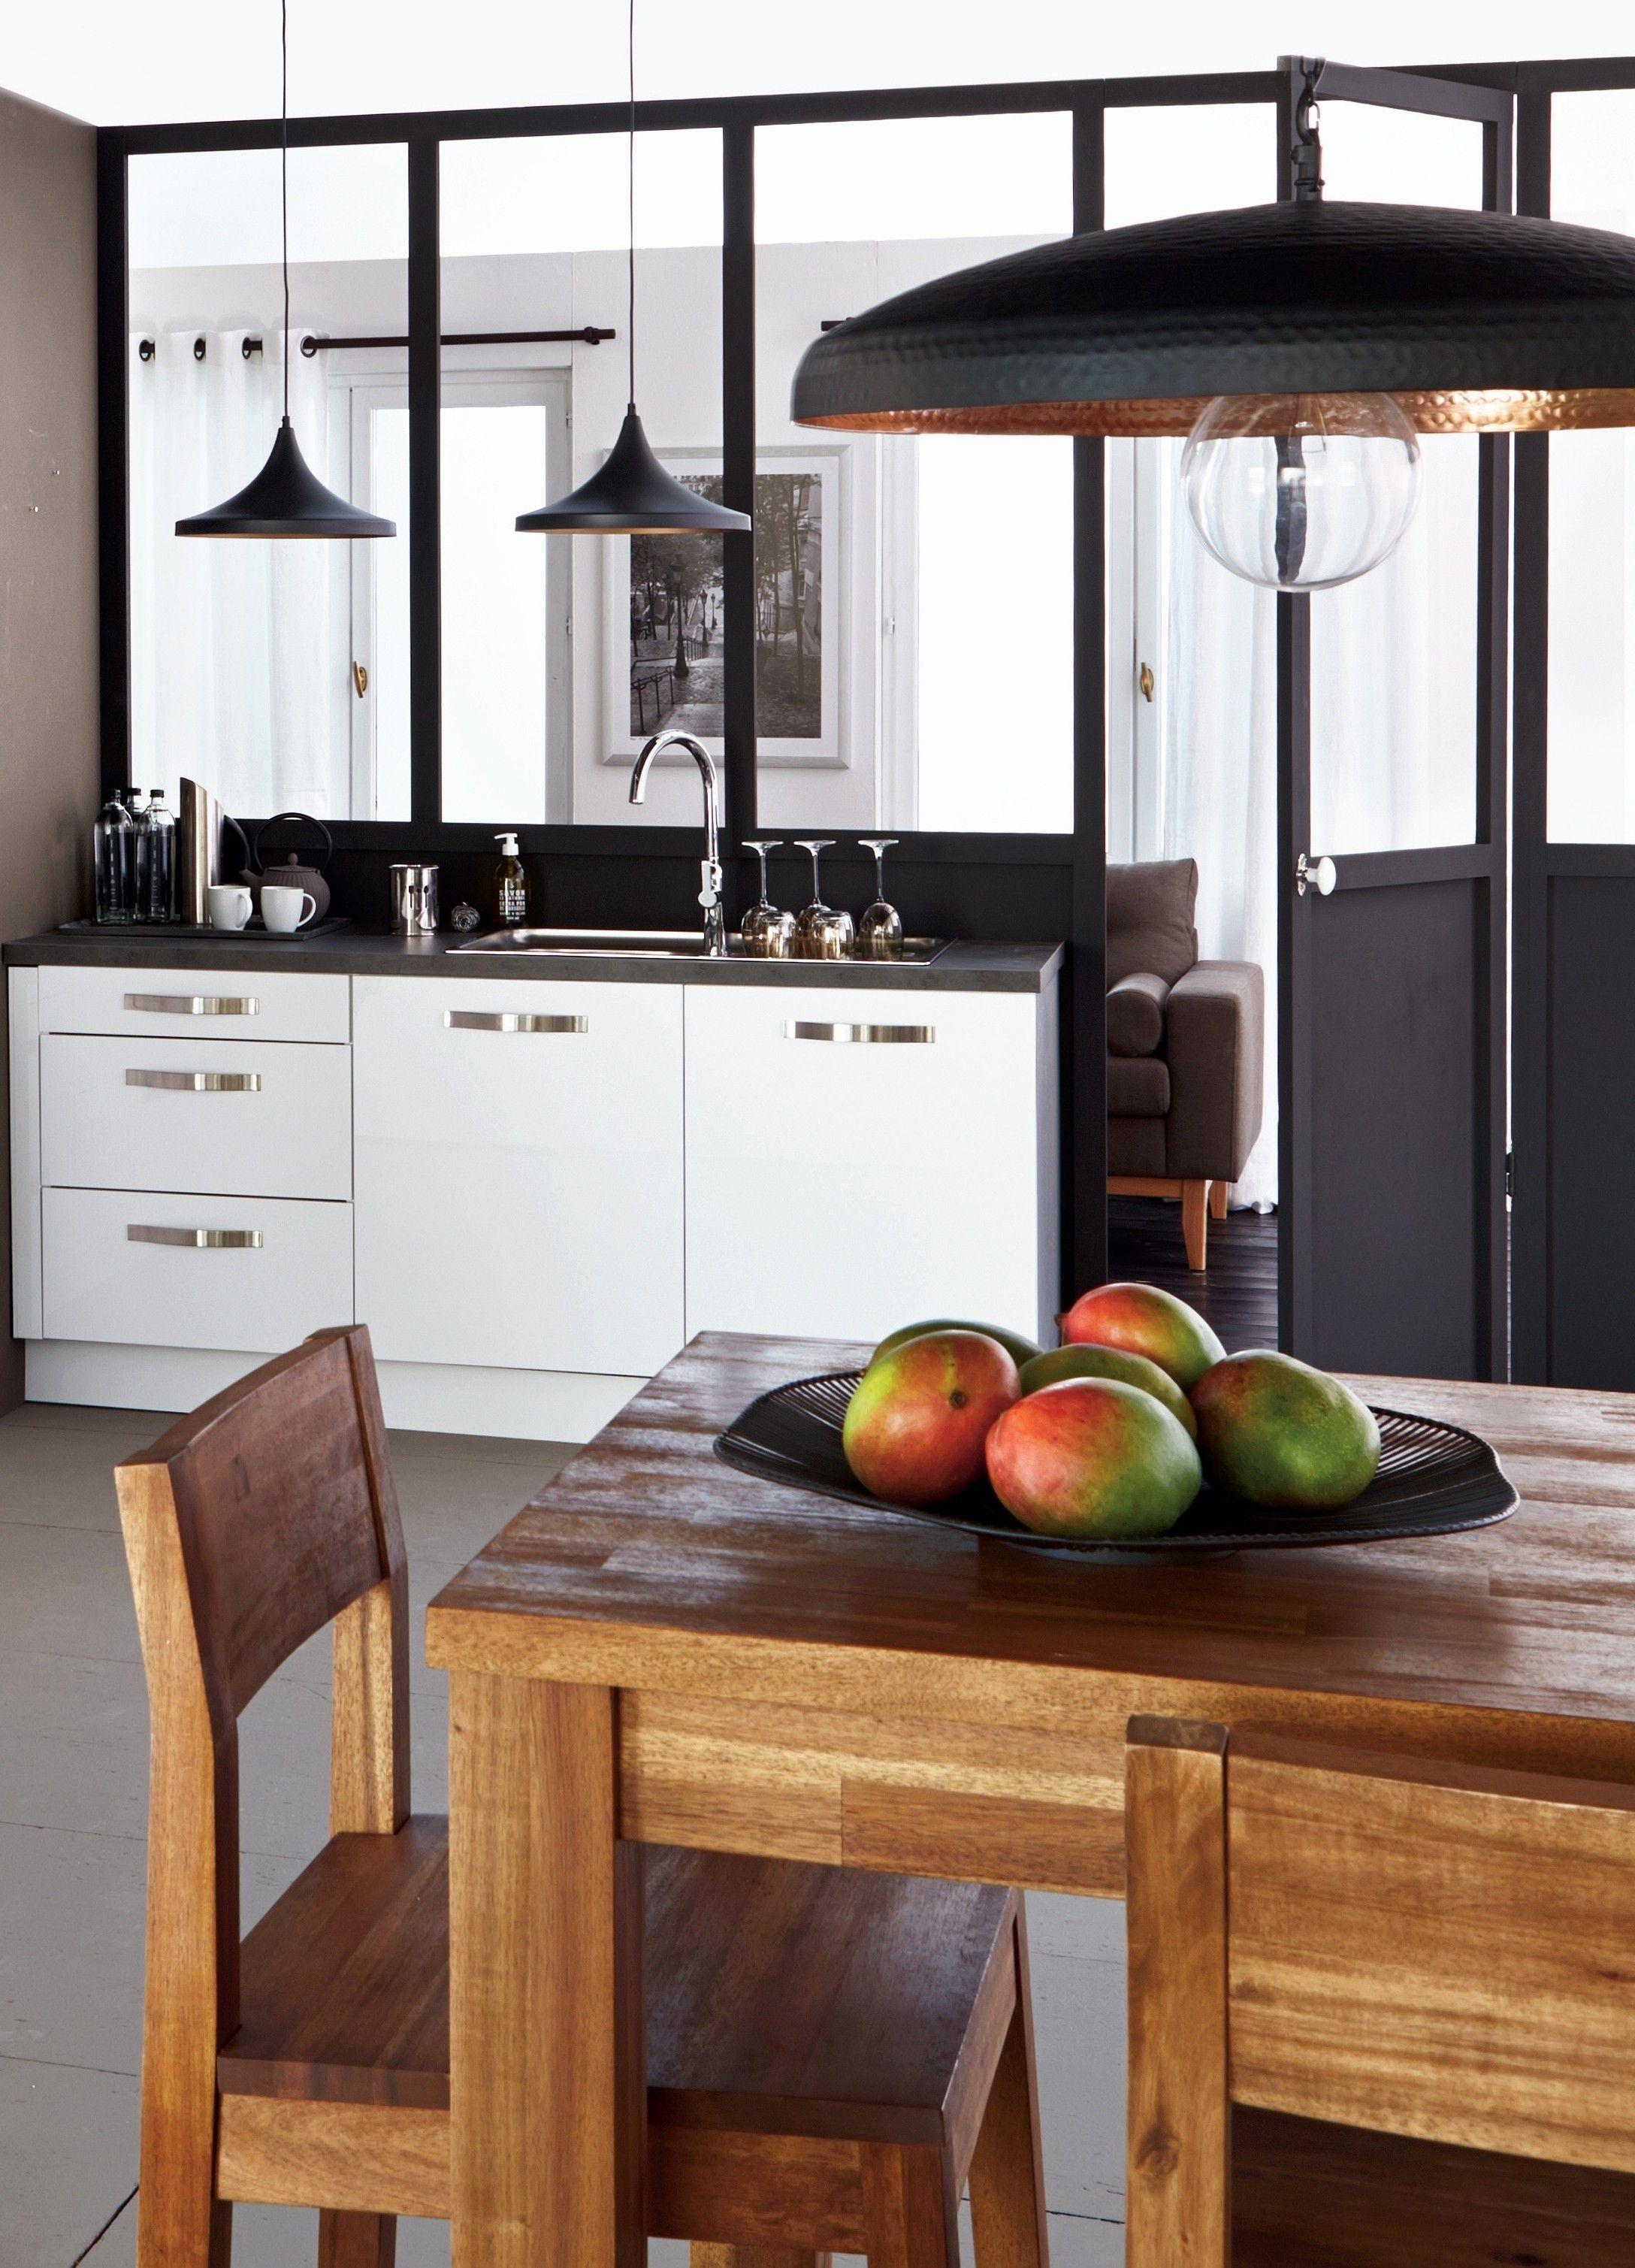 Fresh Promo Cuisine Ikea Idées De Maison Cuisine Ikea Cuisine